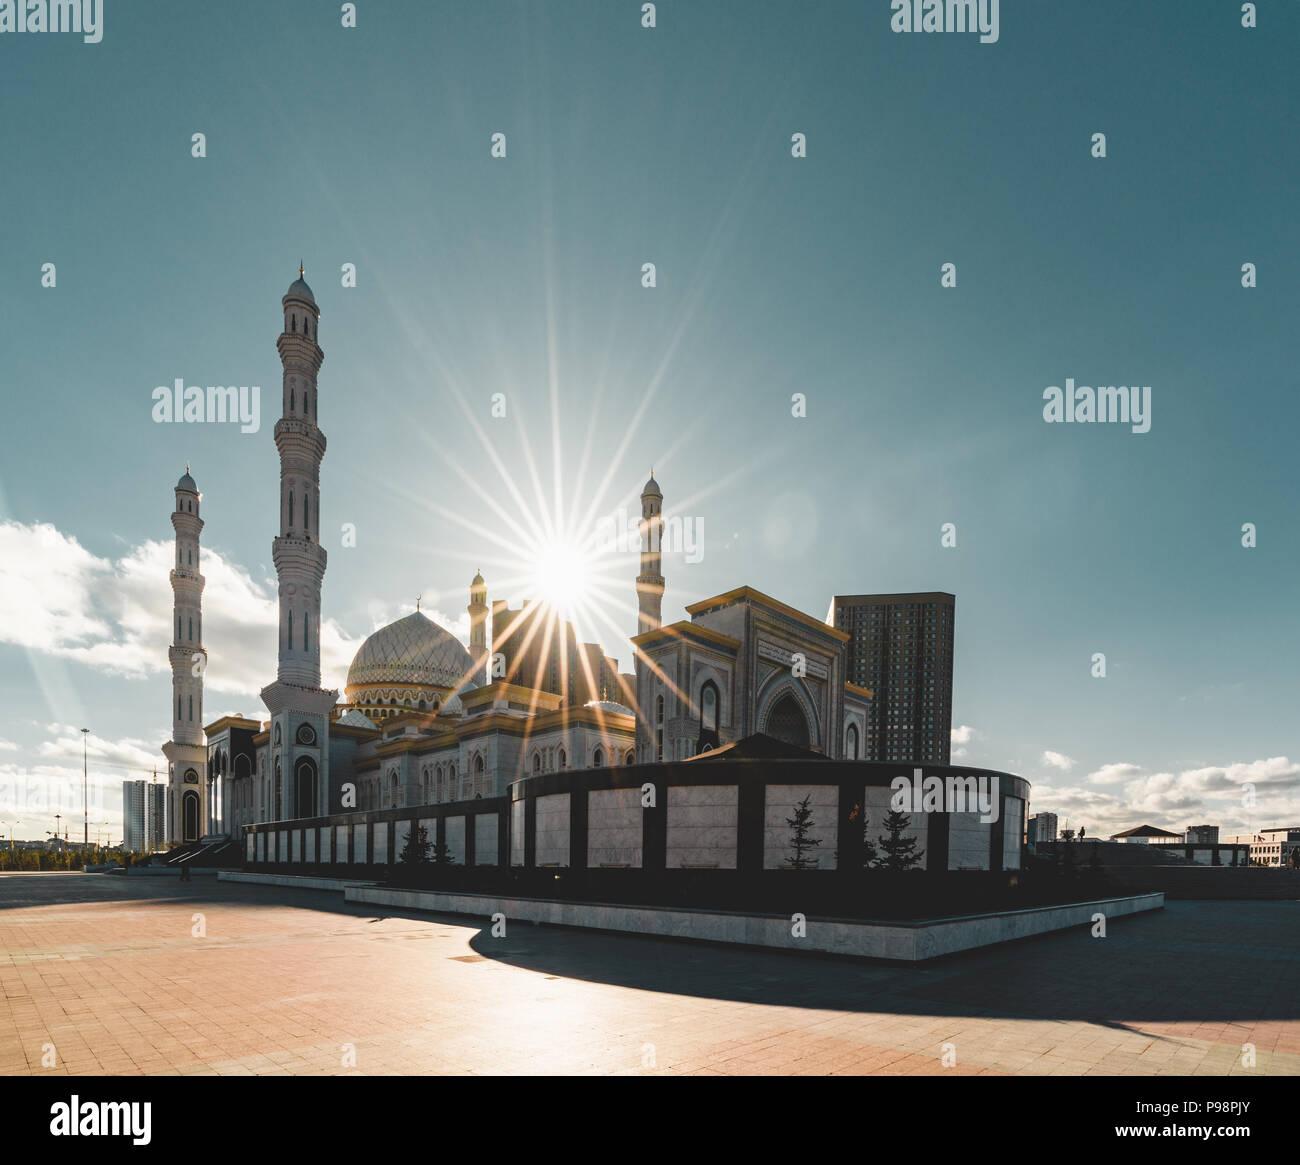 Außenansicht Moschee Hazrat Sultan in Astana, der Hauptstadt von Kasachstan, an einem klaren Tag mit Sonne blauer Himmel Stockbild